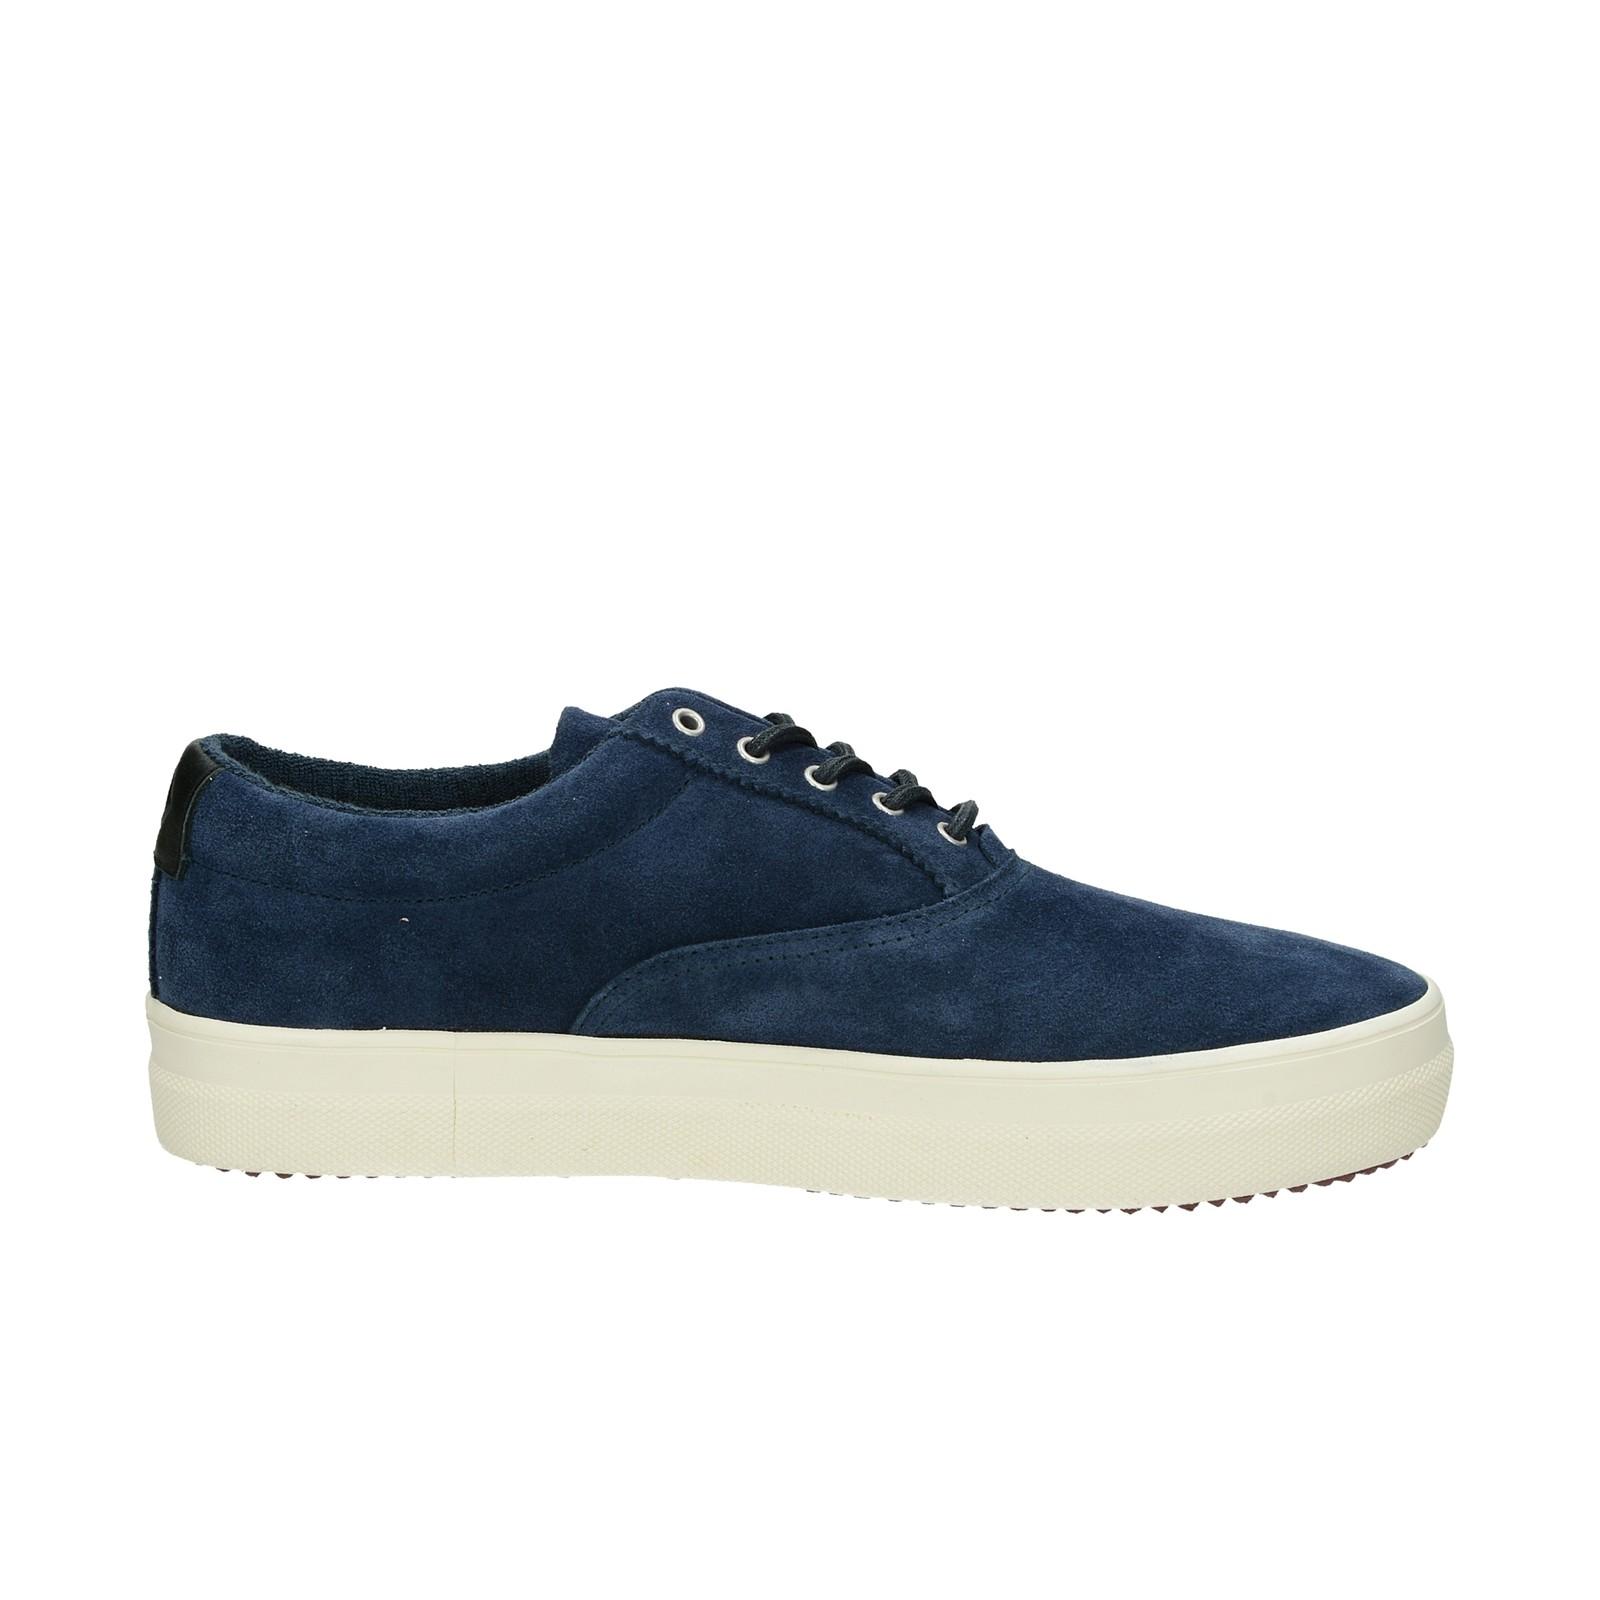 Gant pánske štýlové semišové tenisky - modré